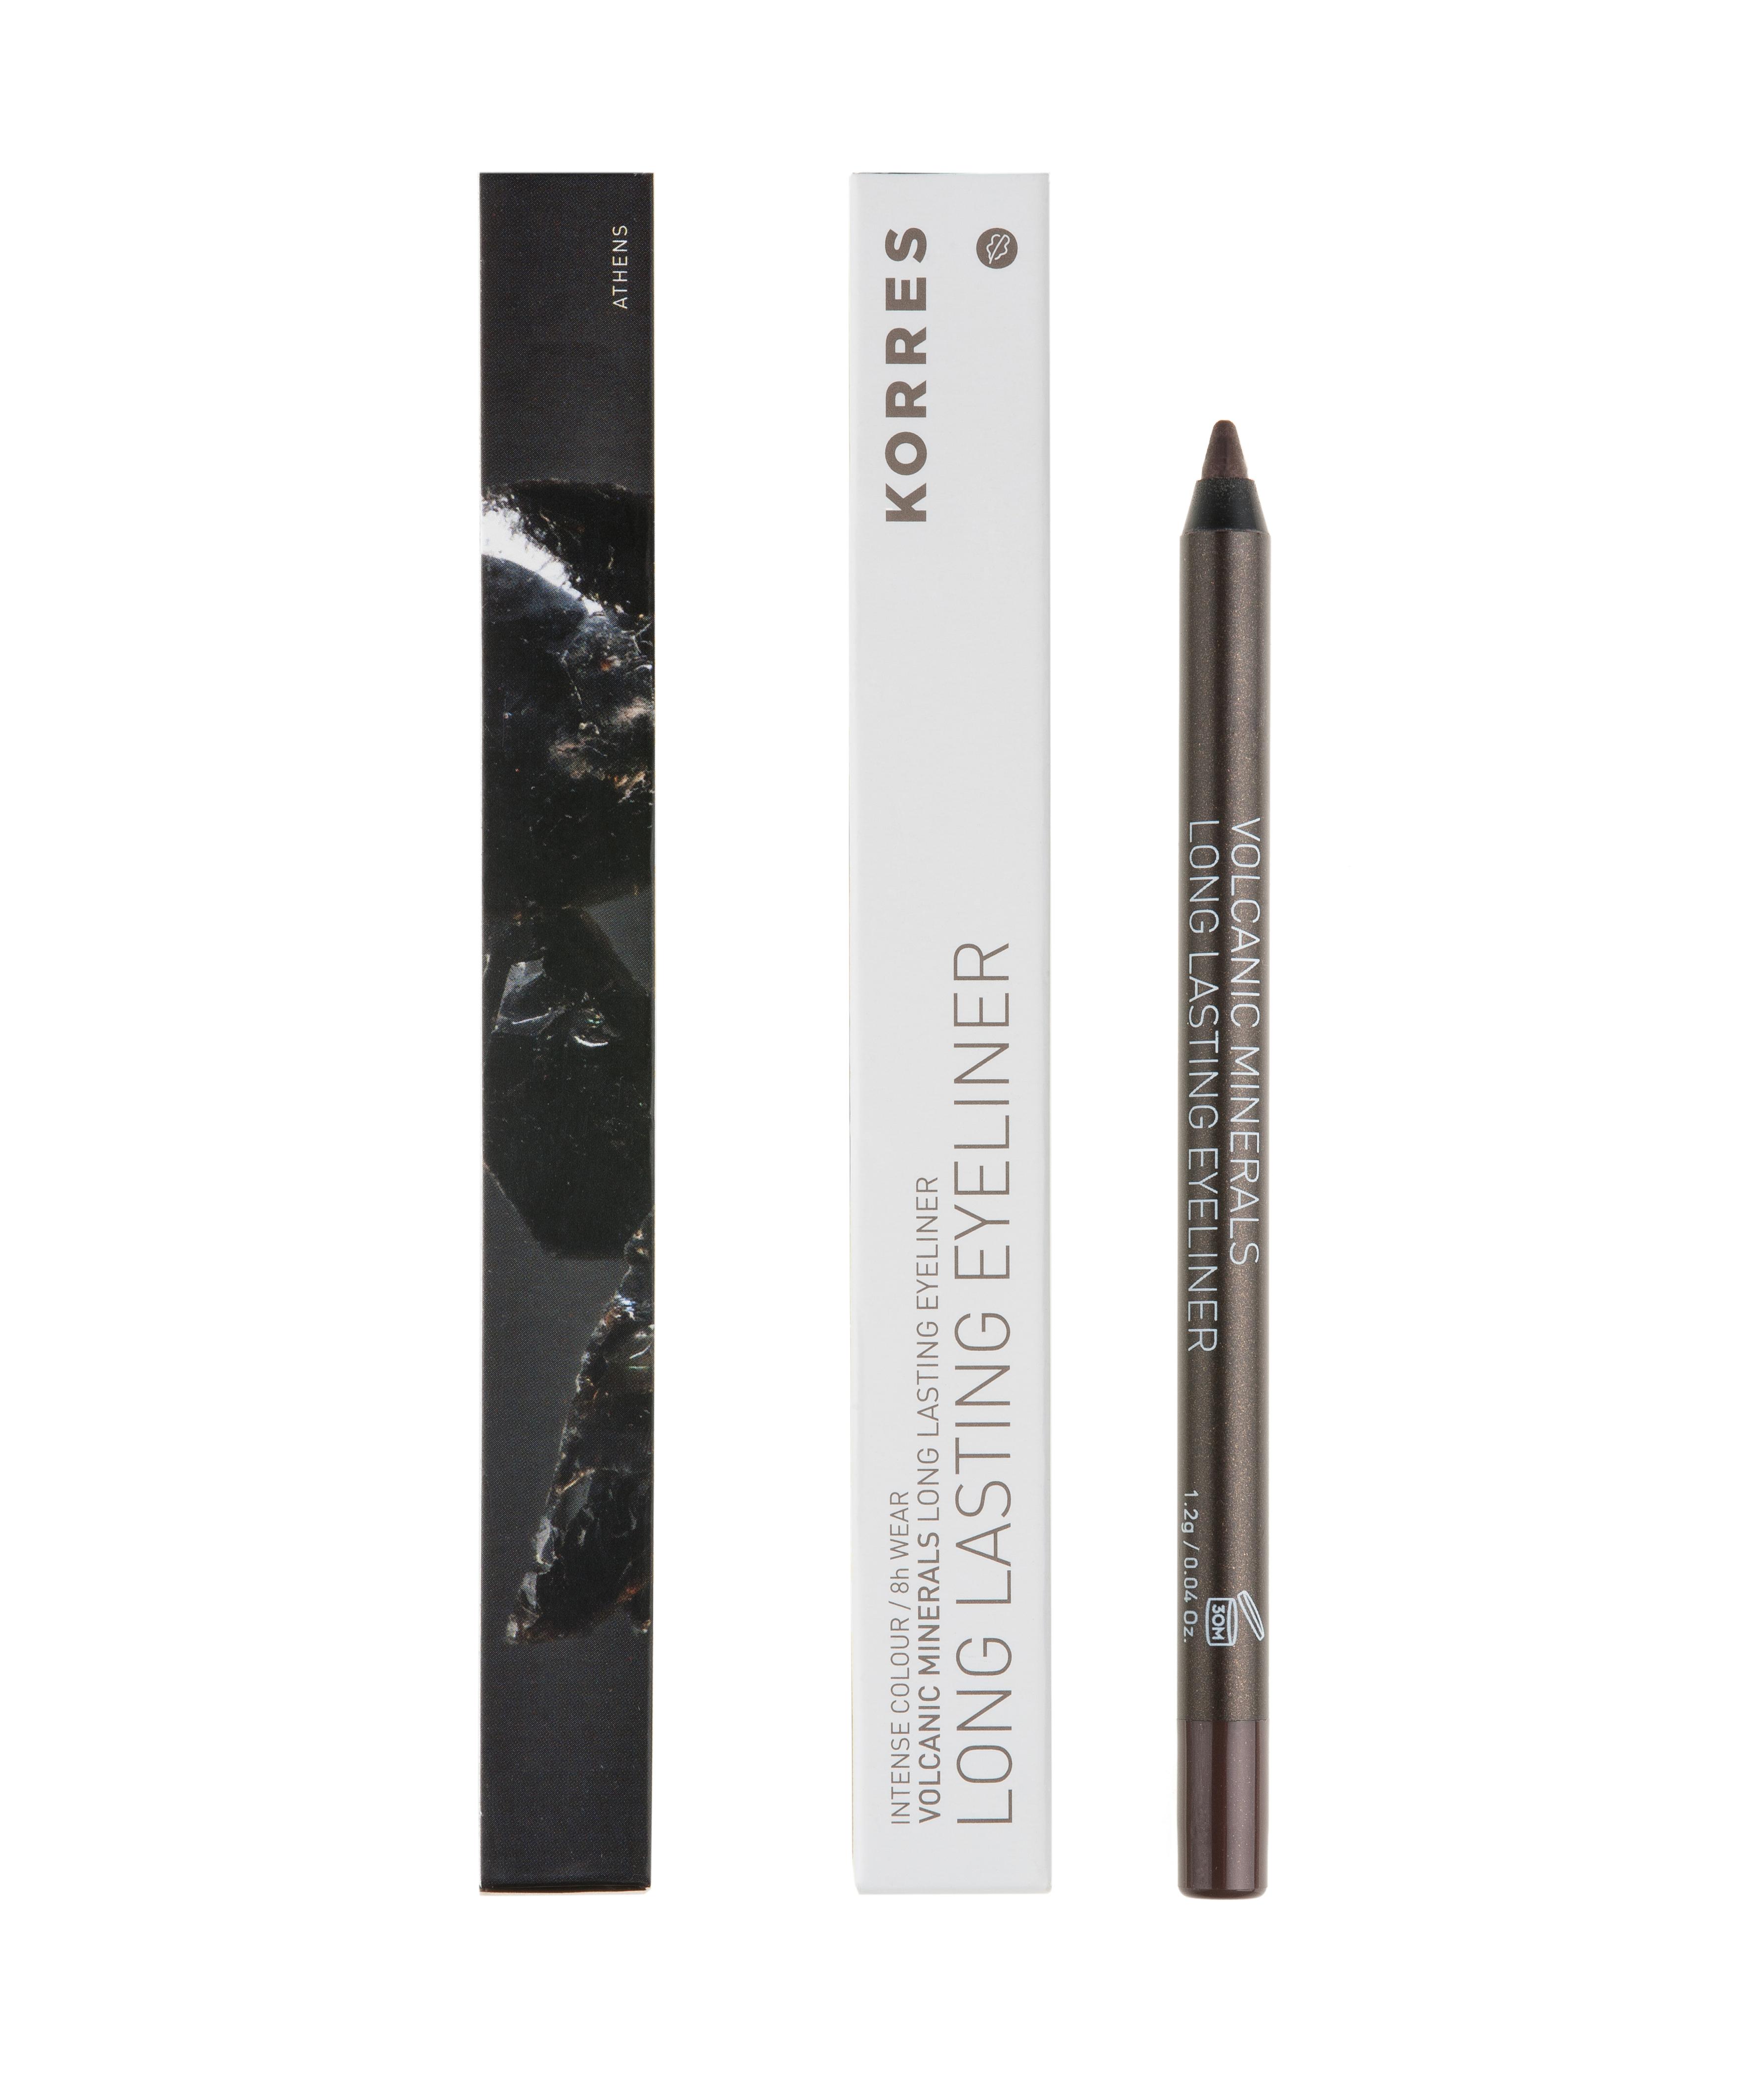 KORRES Long Lasting Eyeliner, Volcanic Minerals 02 Brown - 1.2g